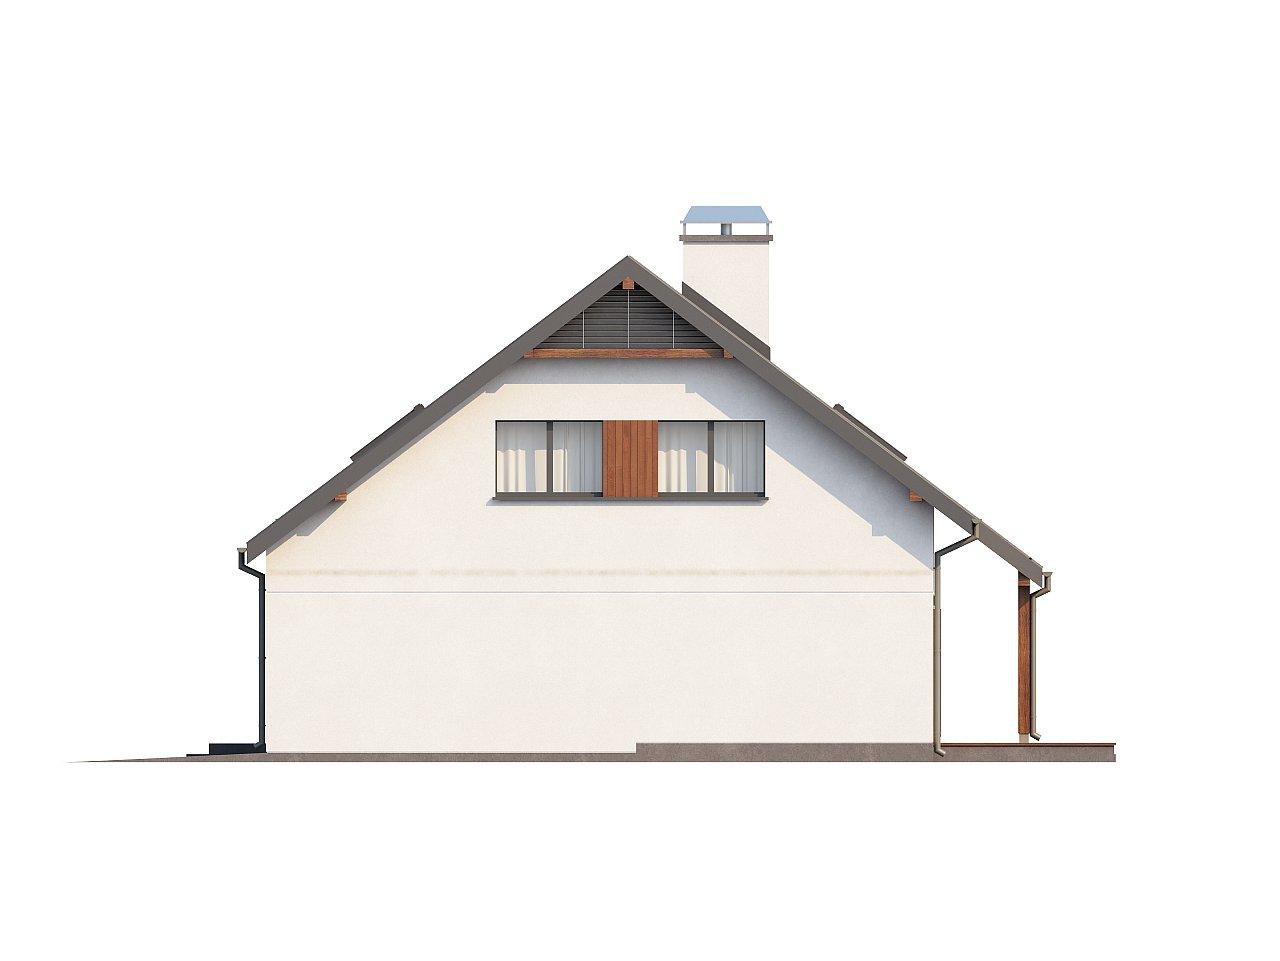 Практичный дом с мансардой, гаражом, кабинетом на первом этаже и стильным эркером. 6